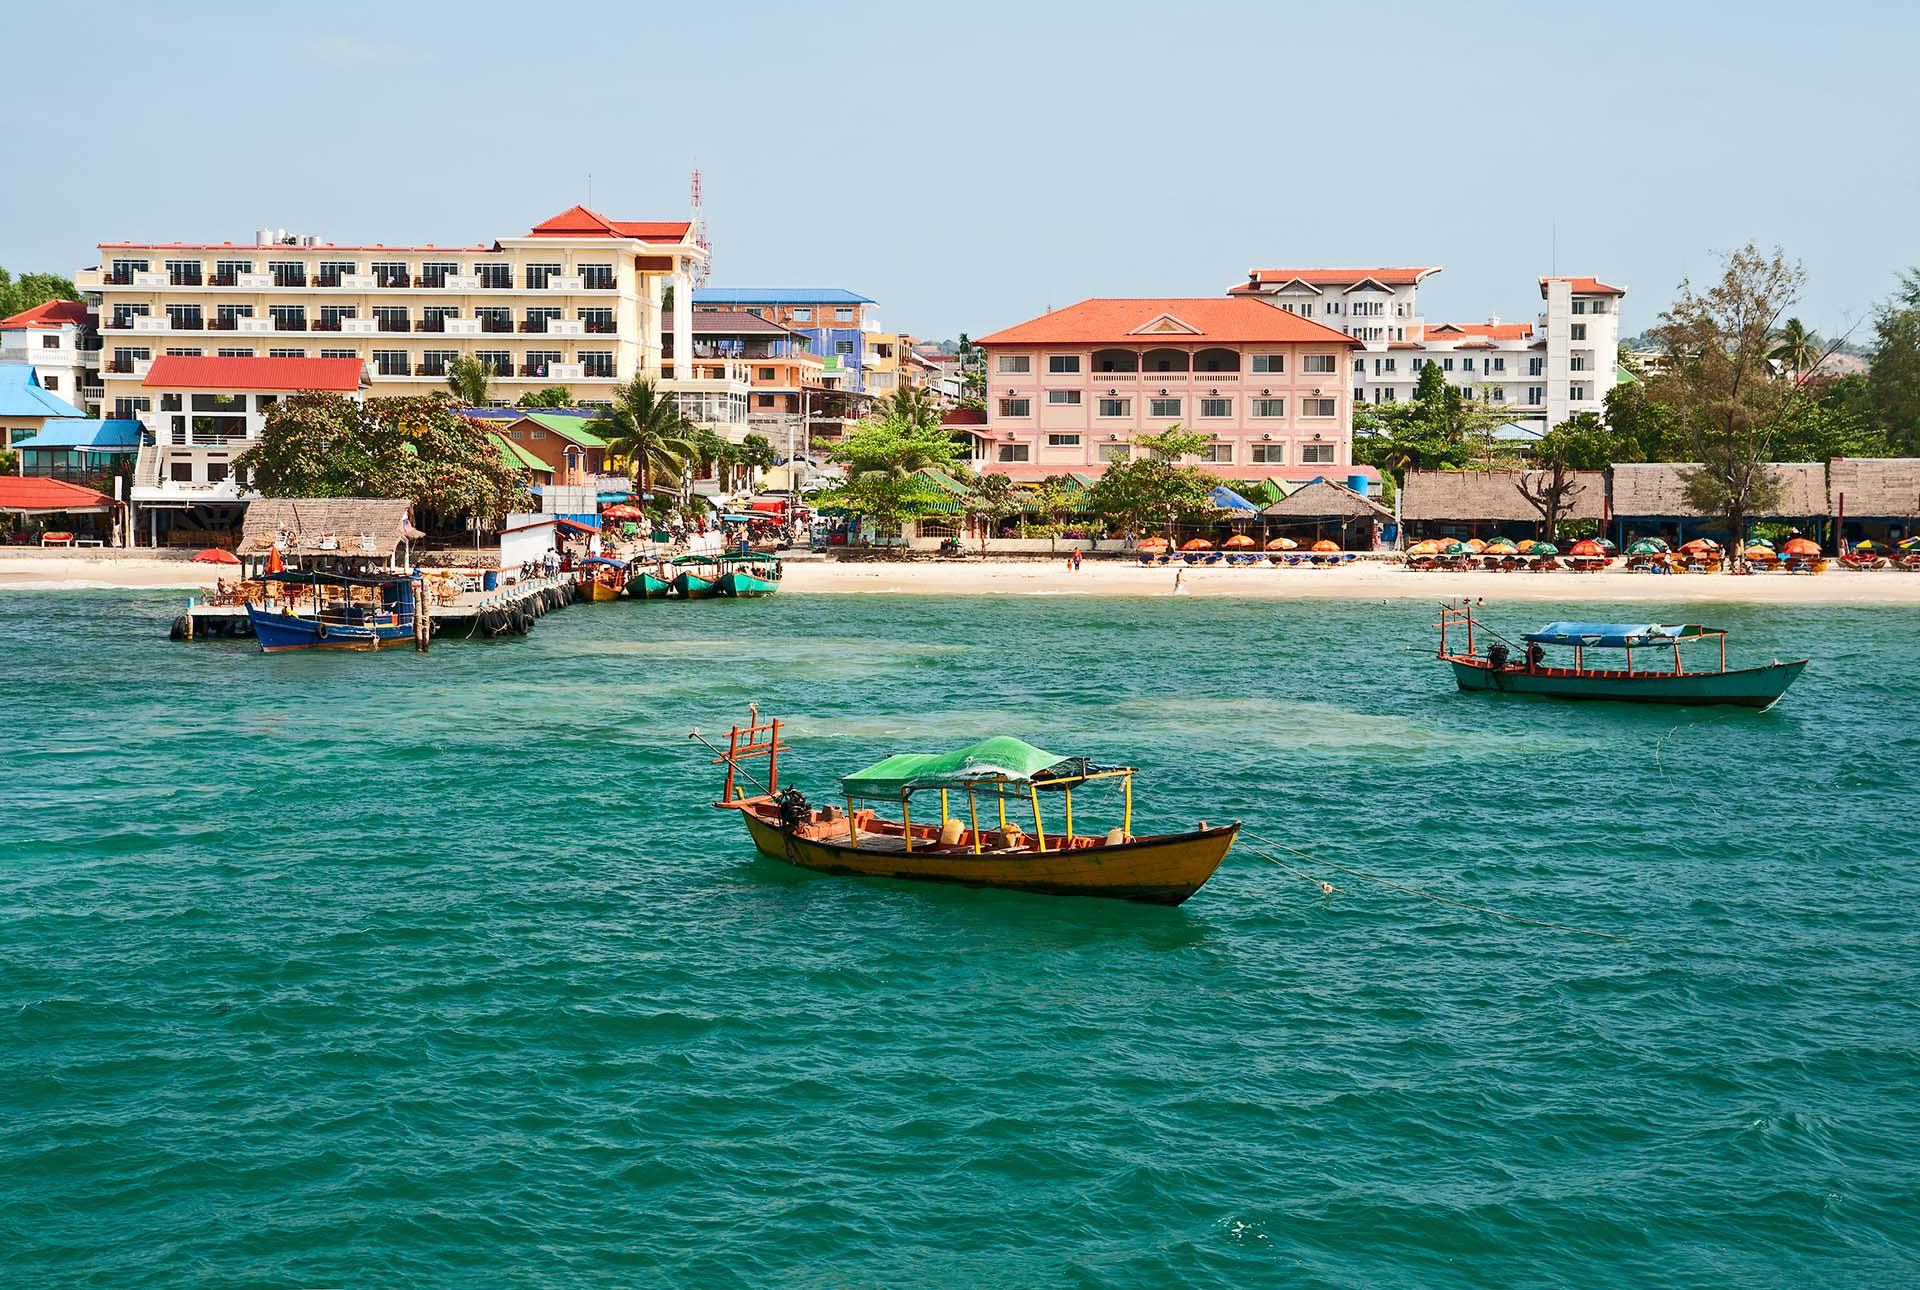 Sihanoukville es la versión camboyana de la diversión al sol. Nadar en las cálidas aguas del Golfo de Tailandia, dormir en las arenas blancas, visitar las islas cercanas, comer mariscos bajo chozas con techo de paja y beber en los bares de Weather Station Hill, son algunas de las atracciones más interesantes